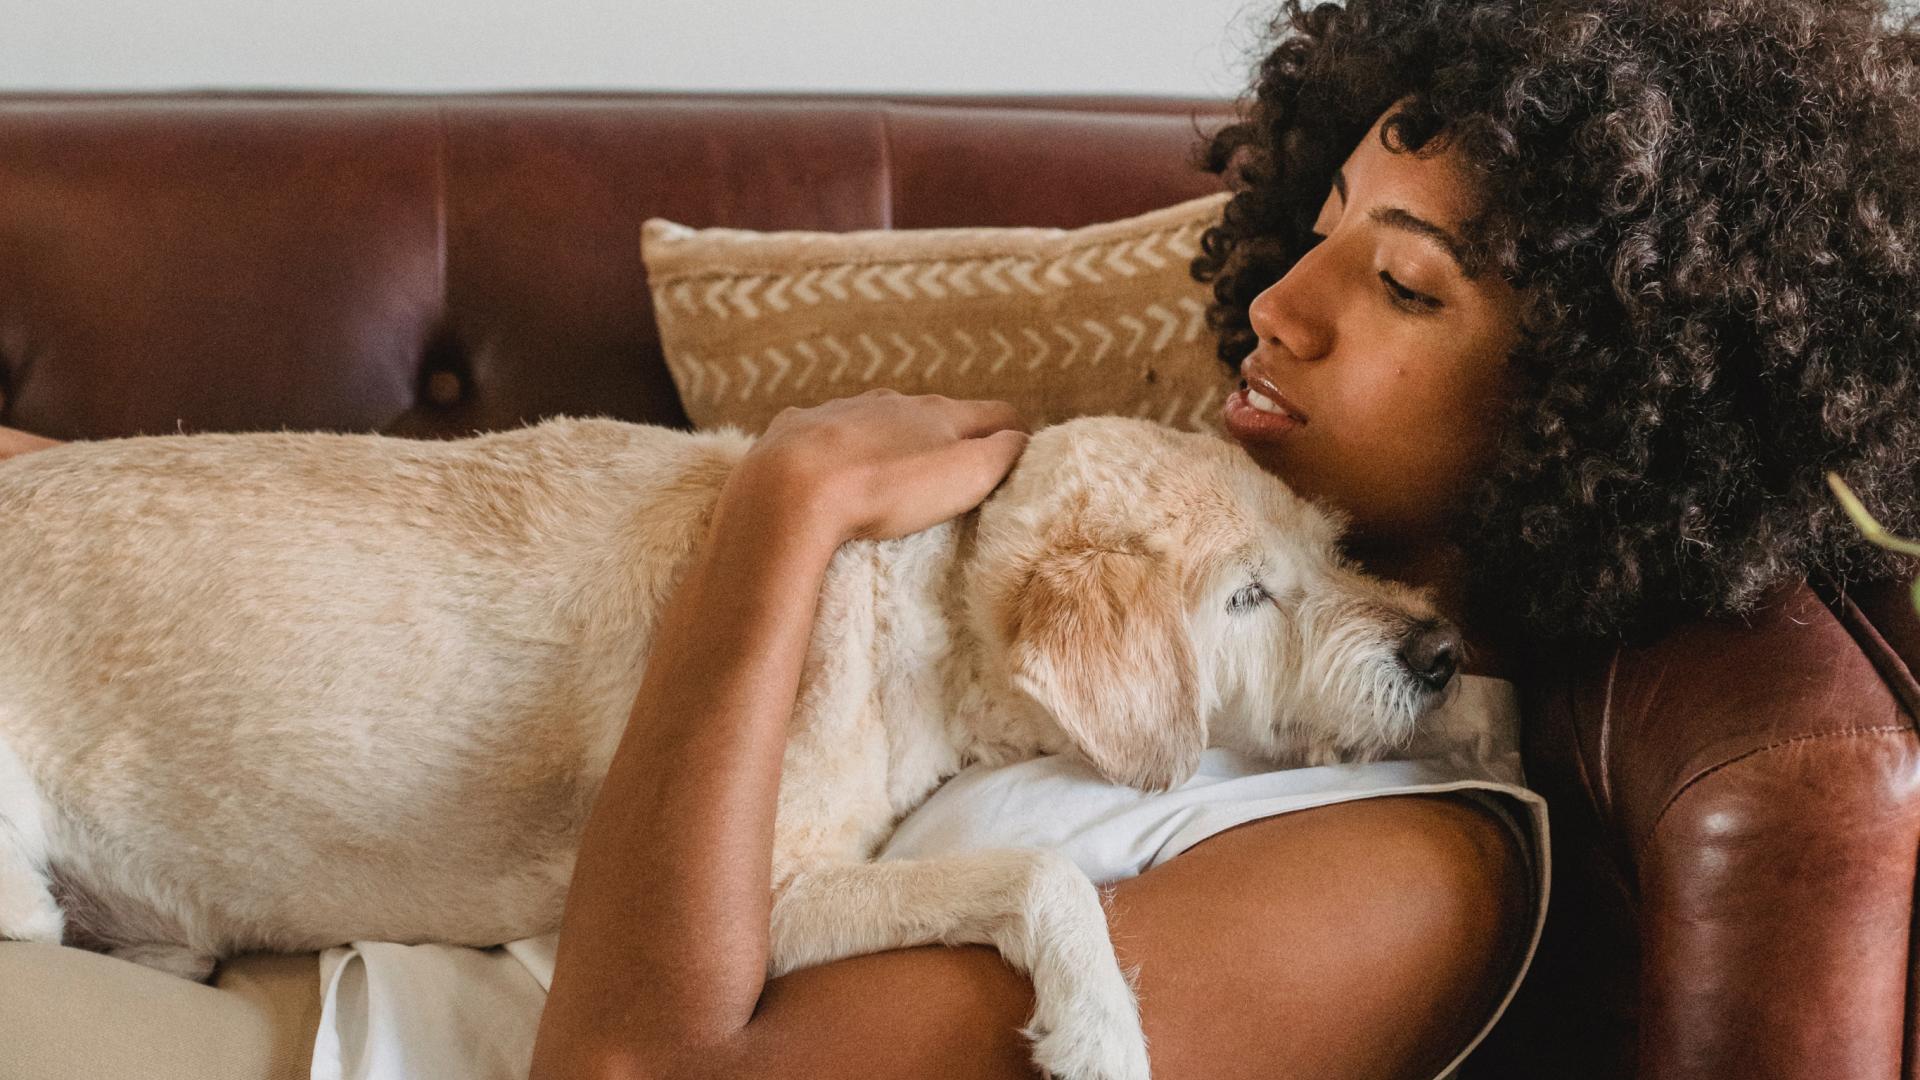 Woman with esa dog on sofa